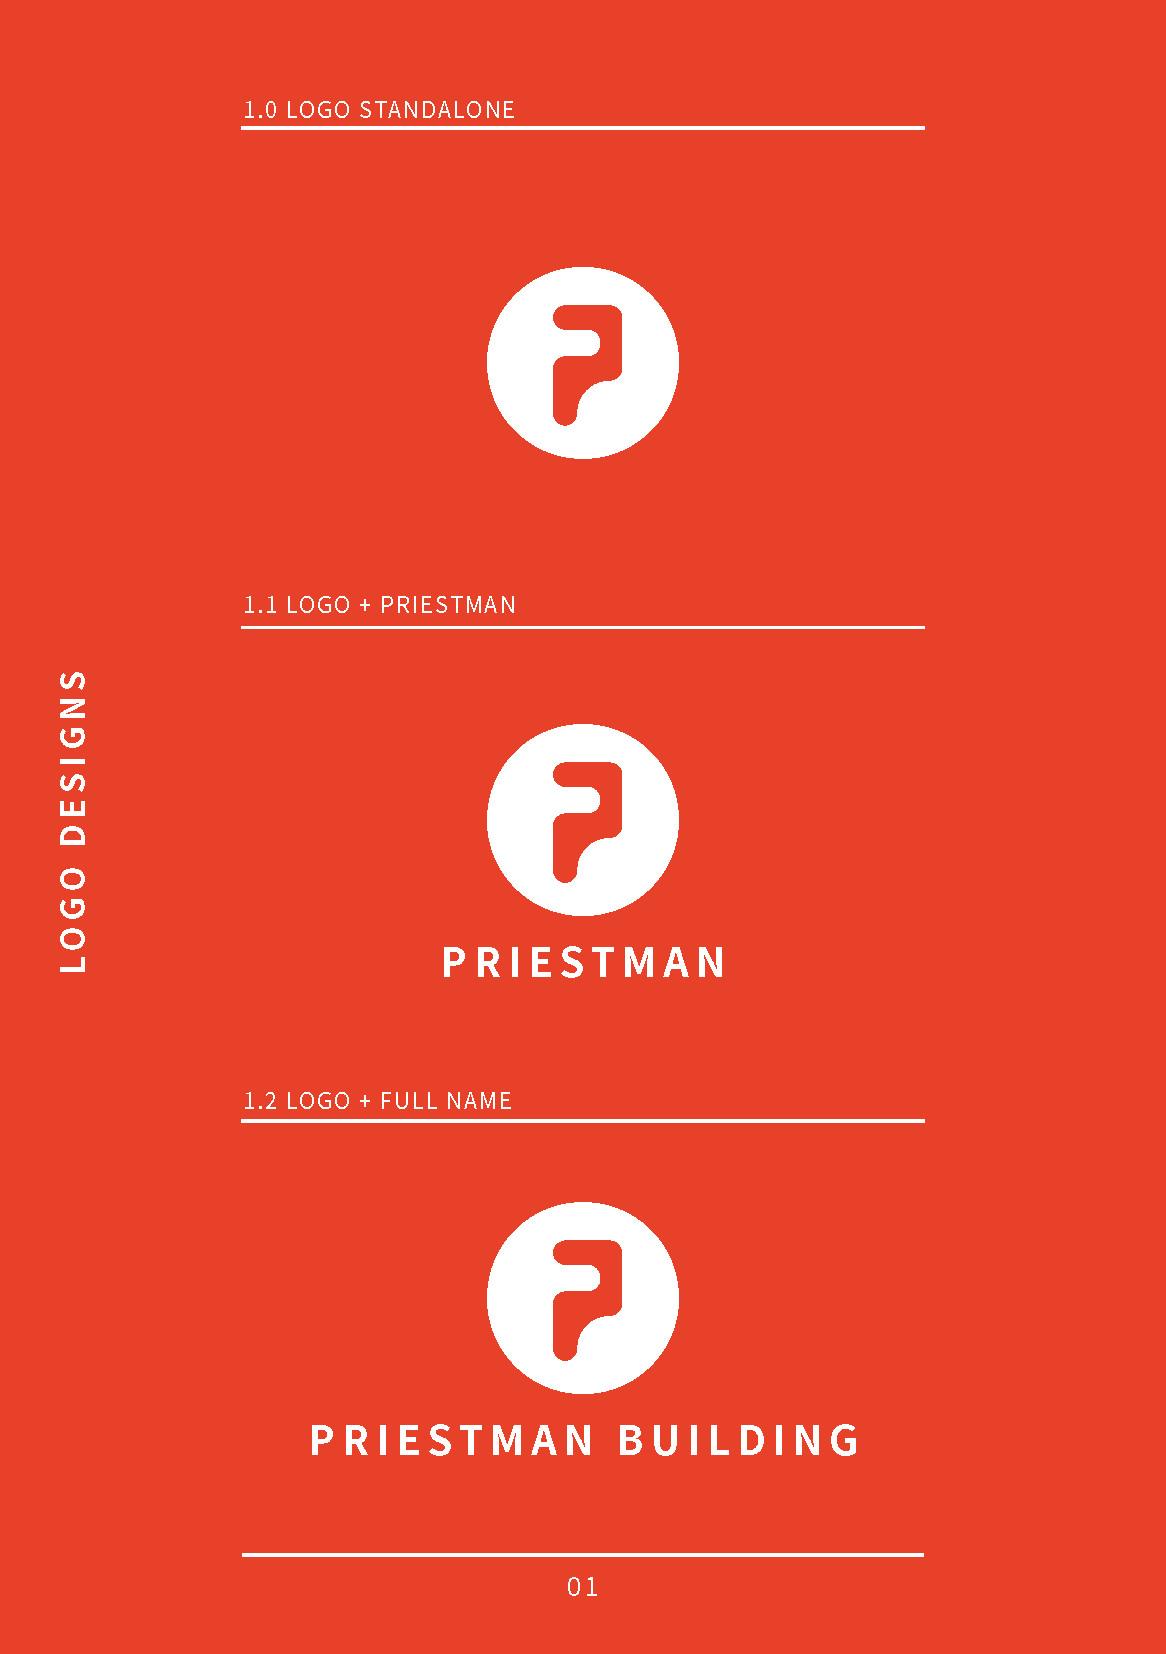 Mathew maddison priestman identity handbook page 04